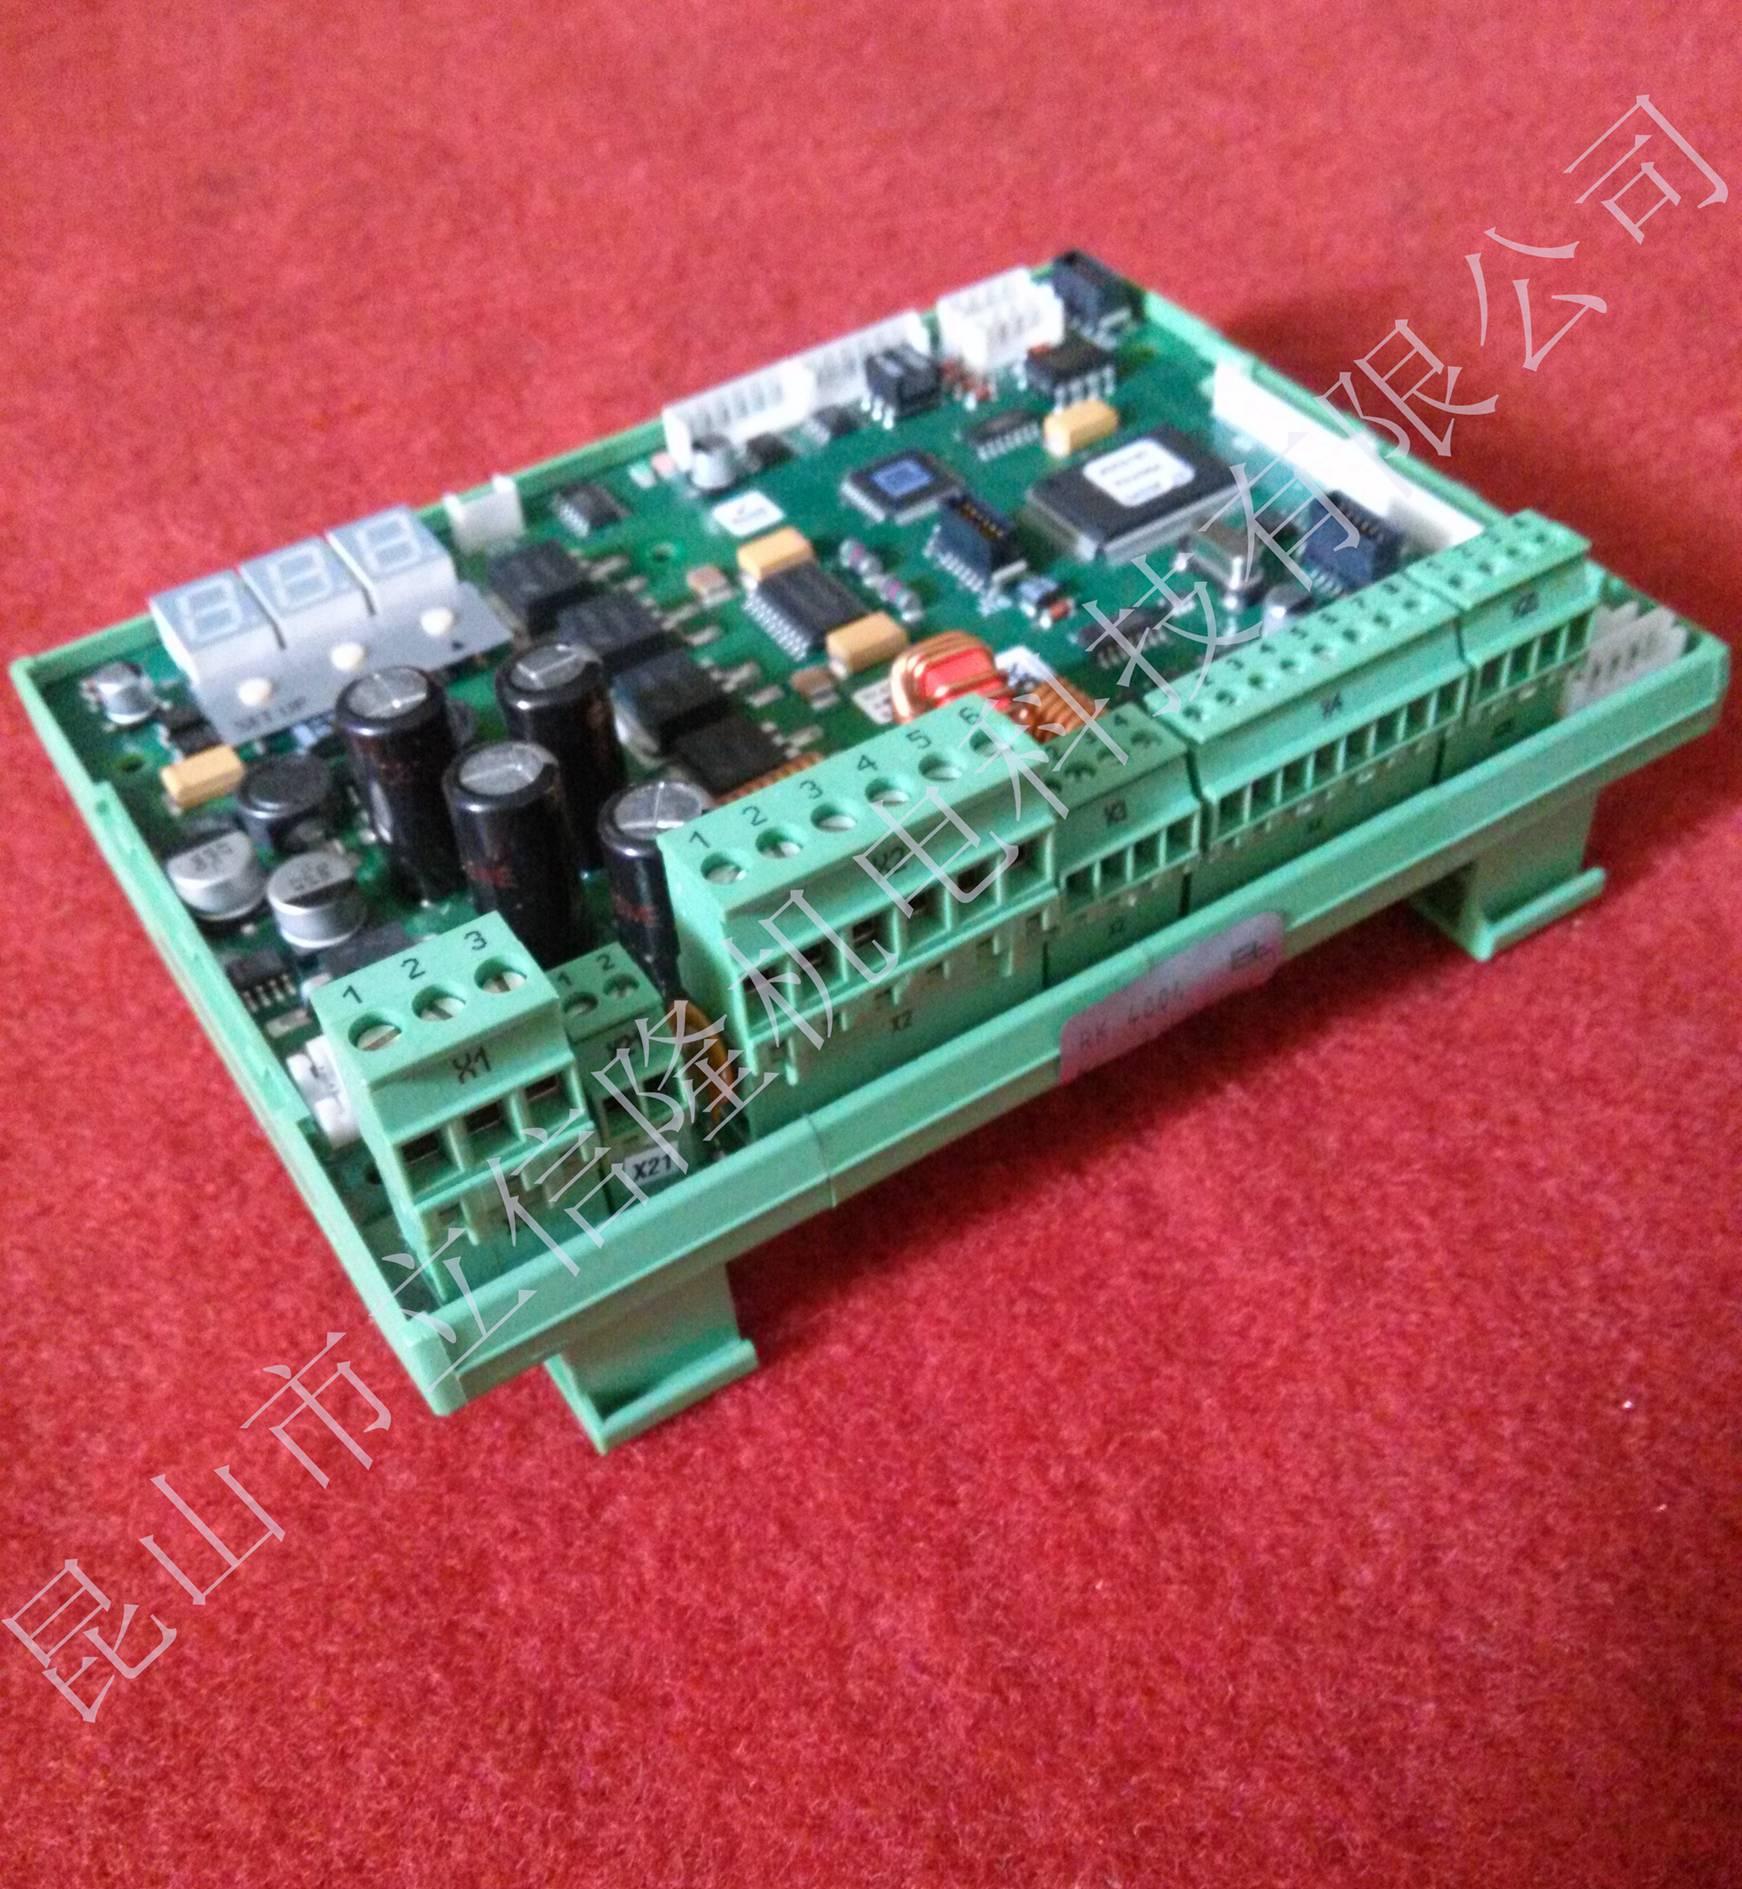 现货供应德国e l控制电路板rk4004